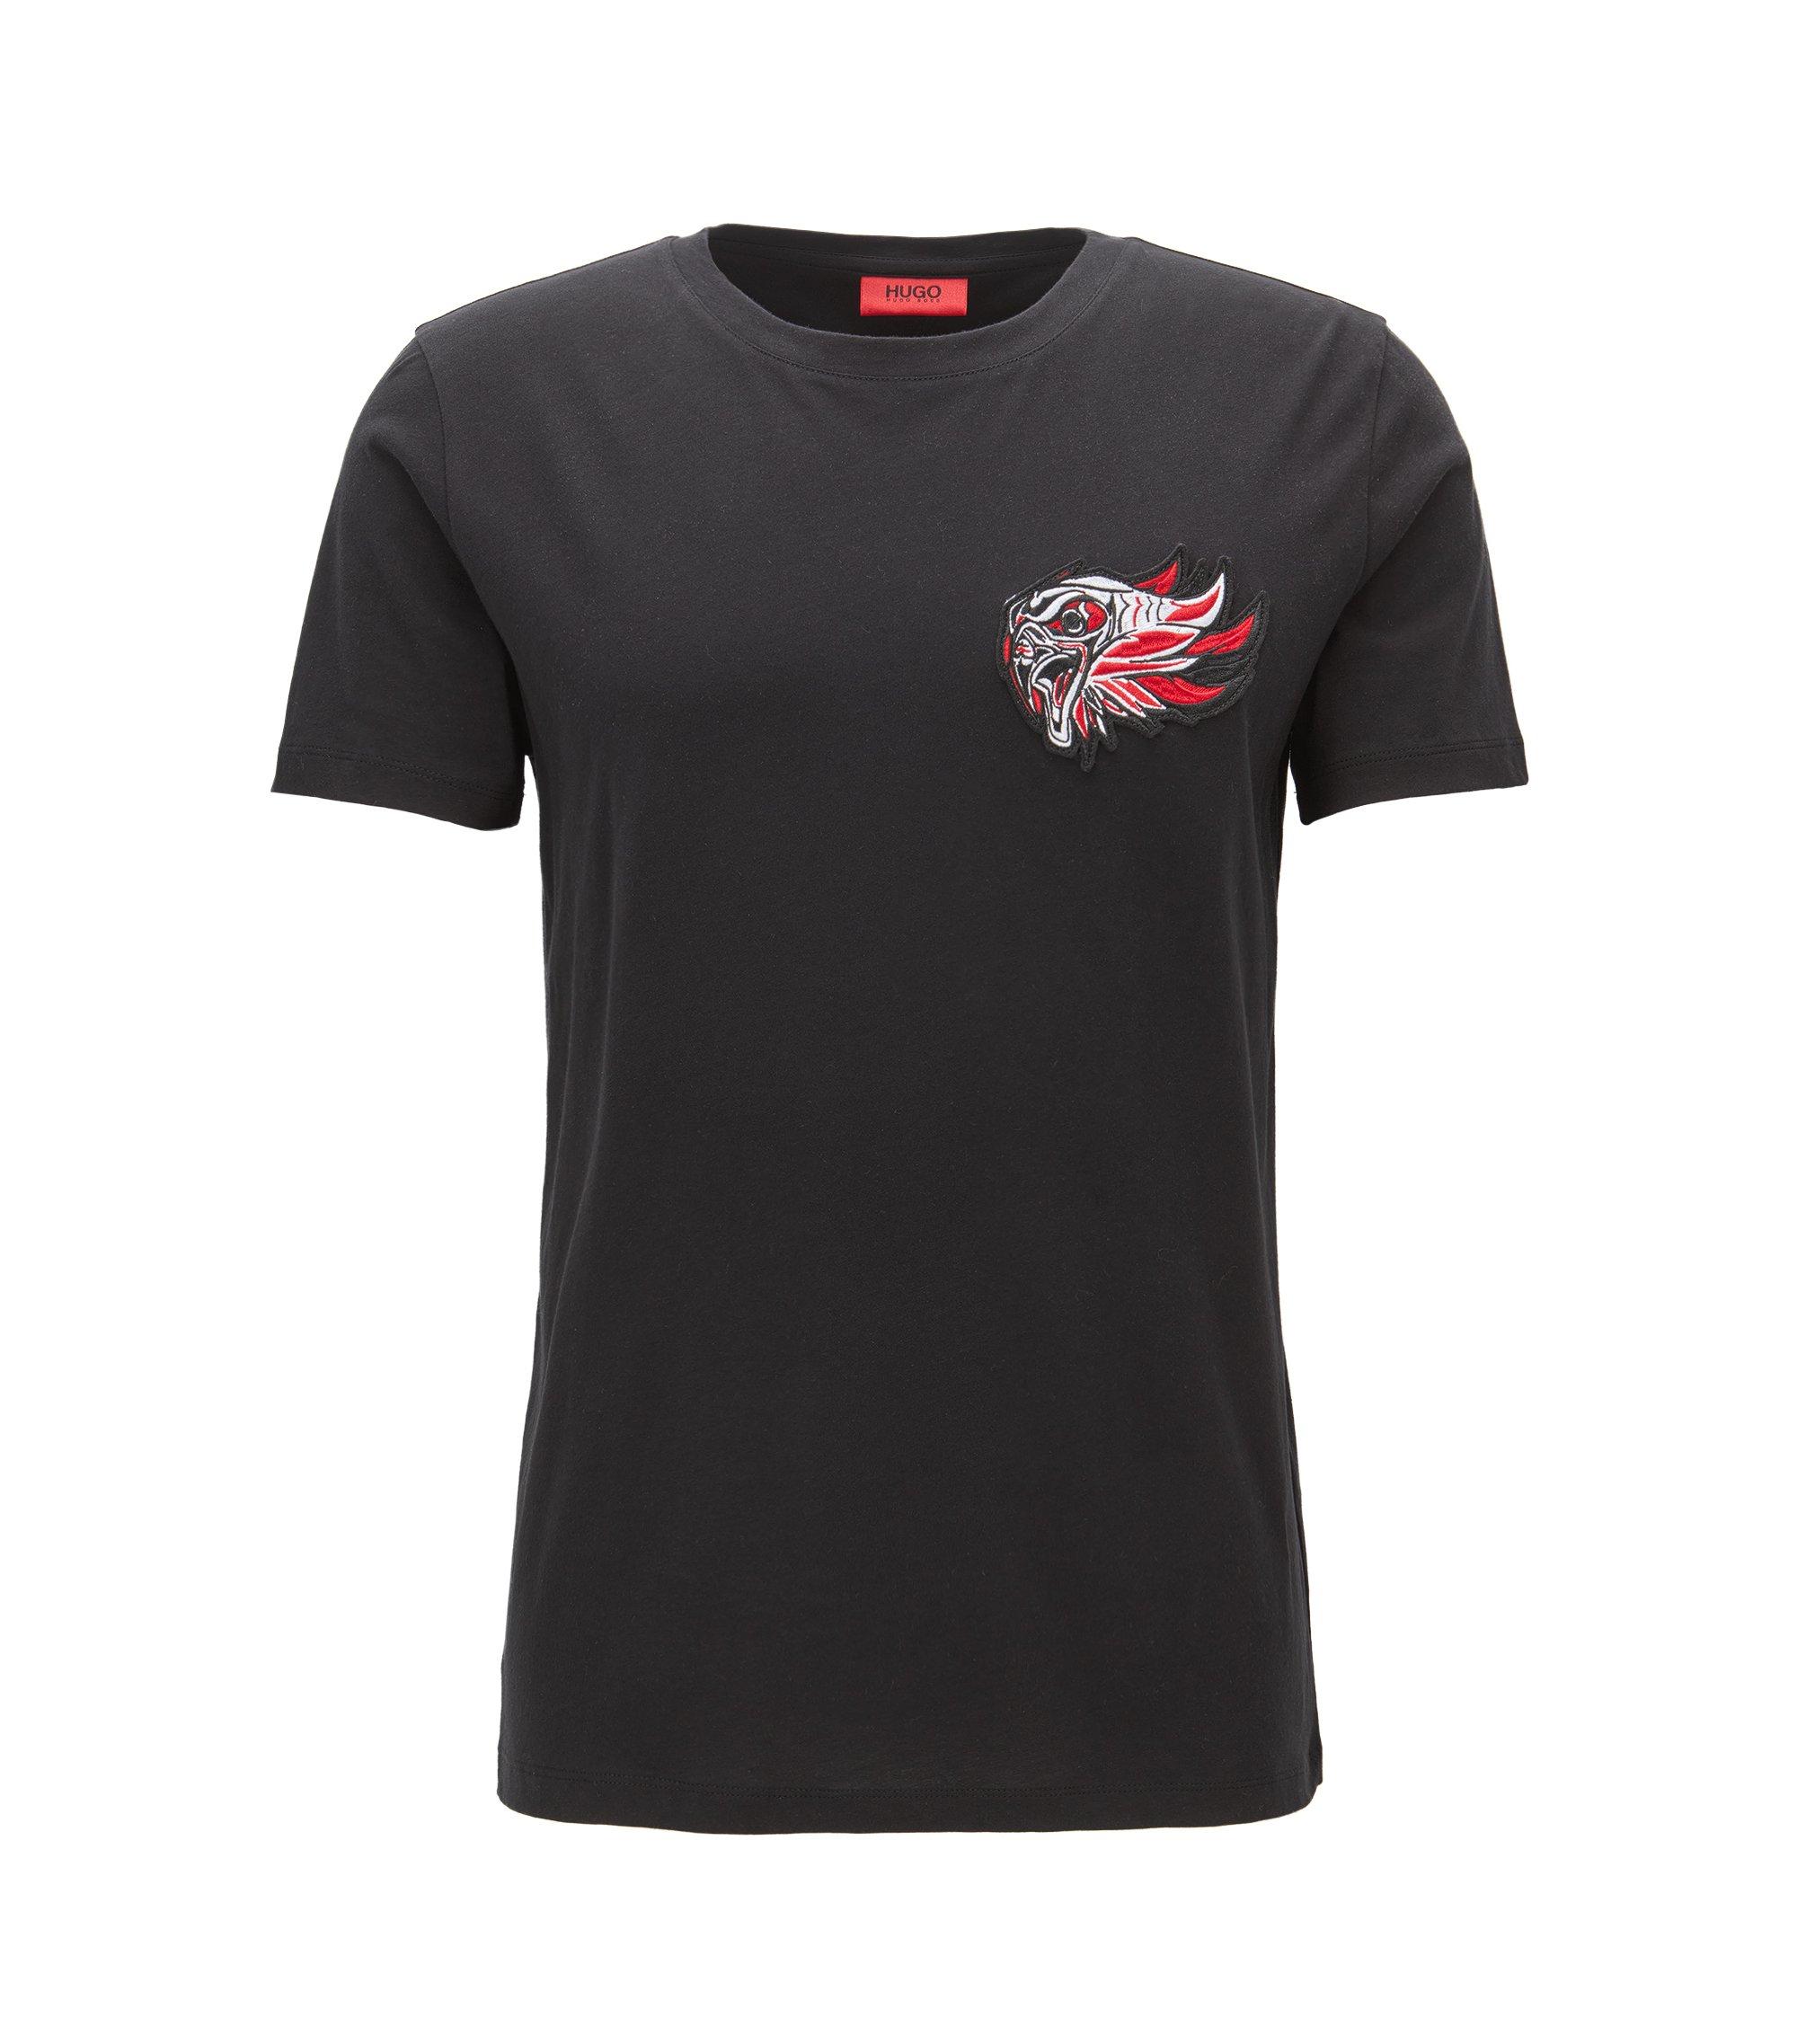 T-shirt Relaxed Fit en jersey à patch brodé, Noir